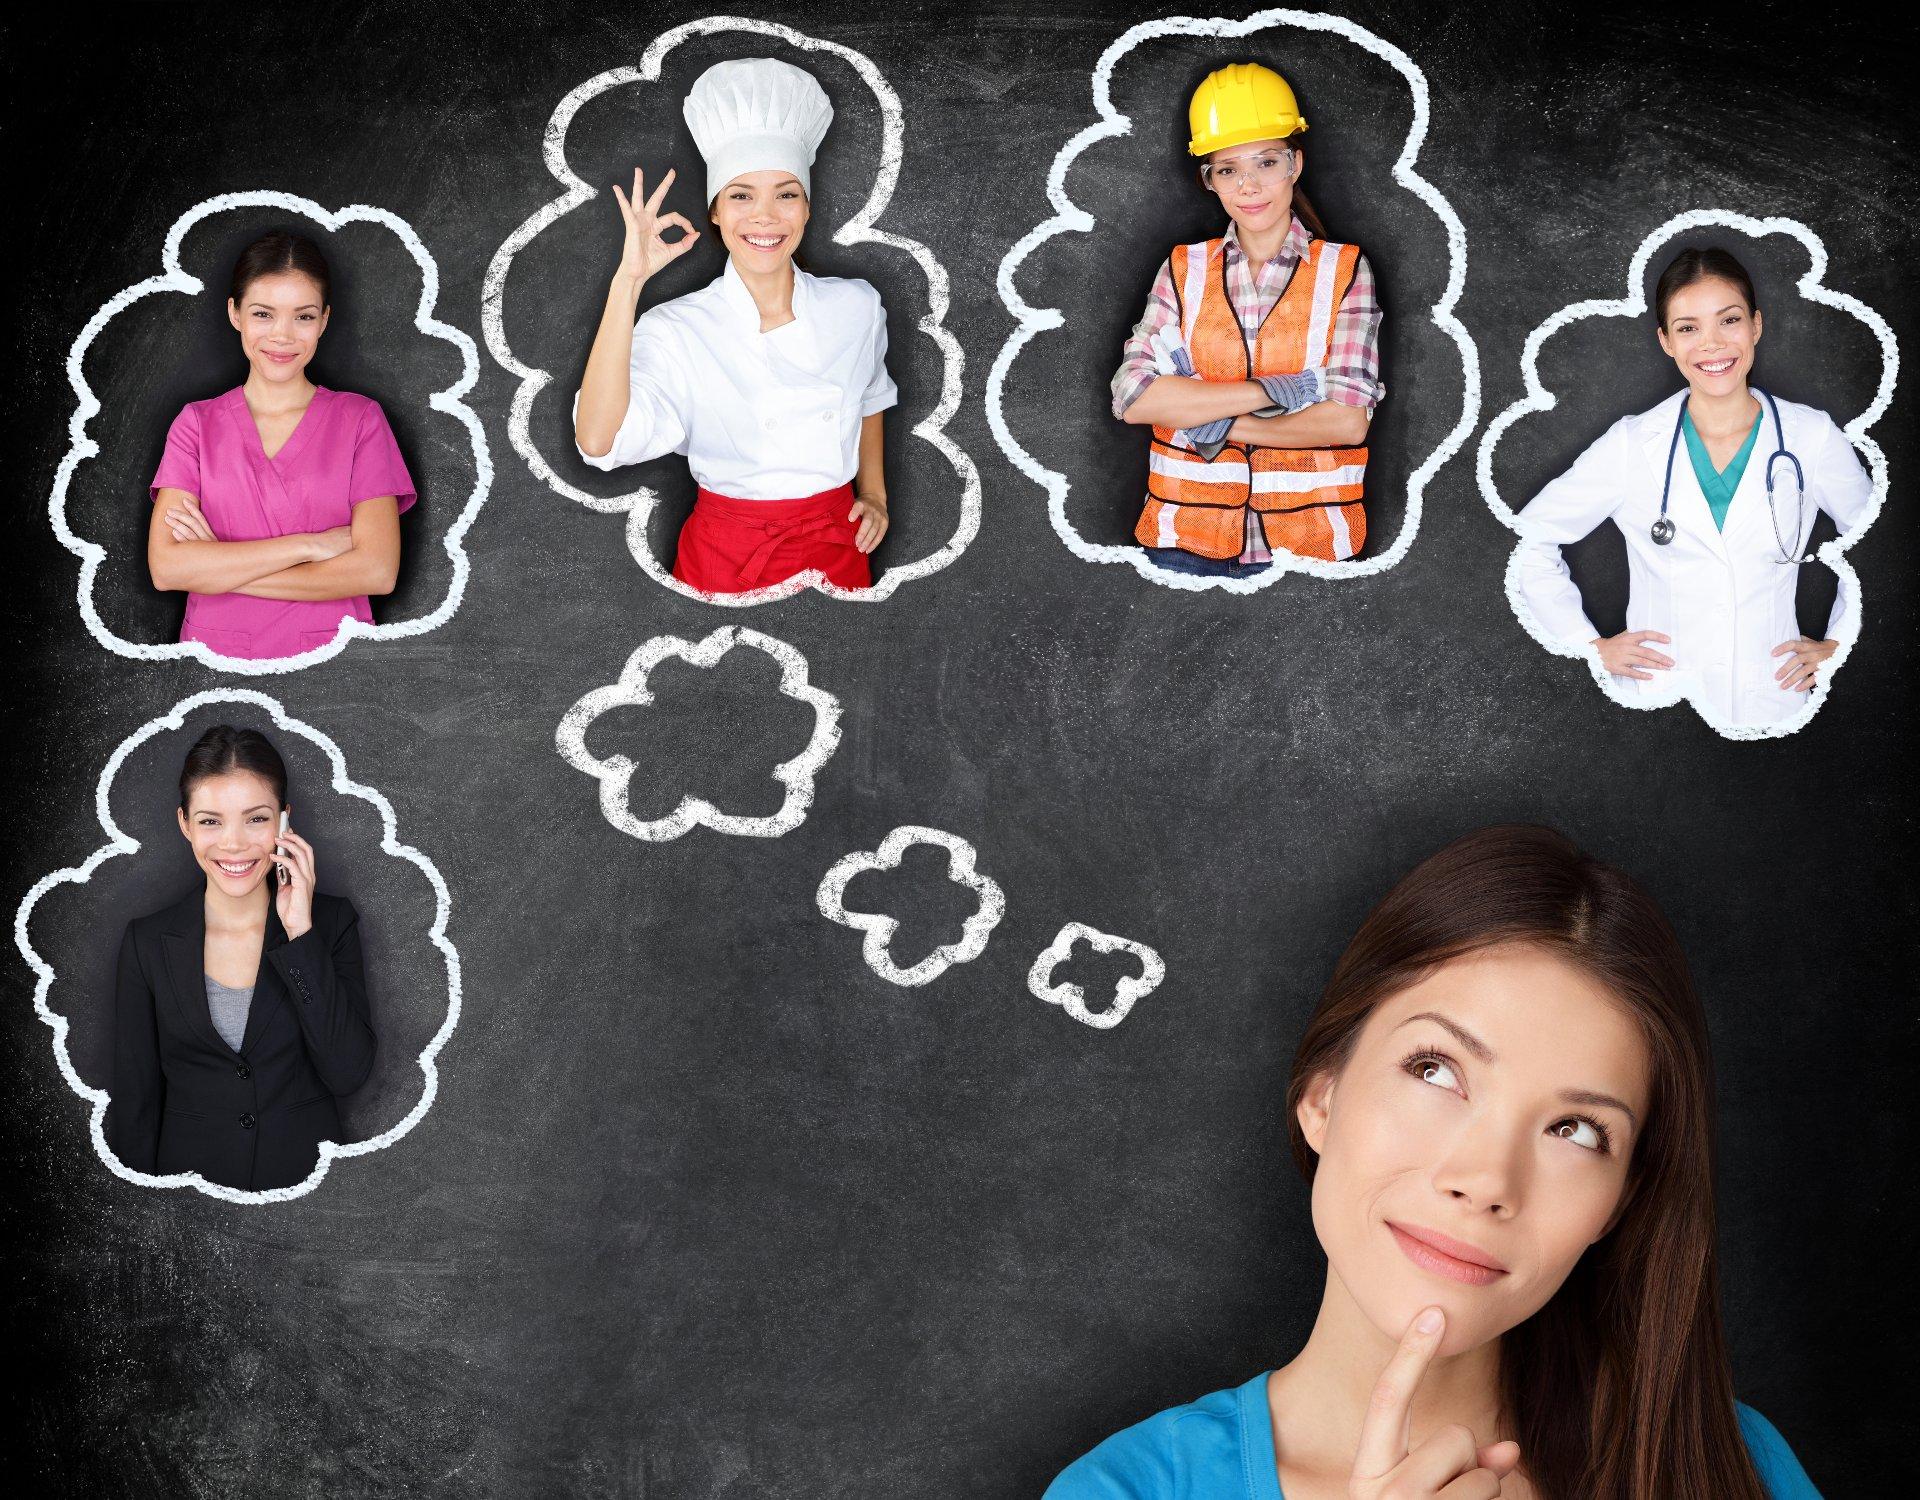 Como escolher uma profissão